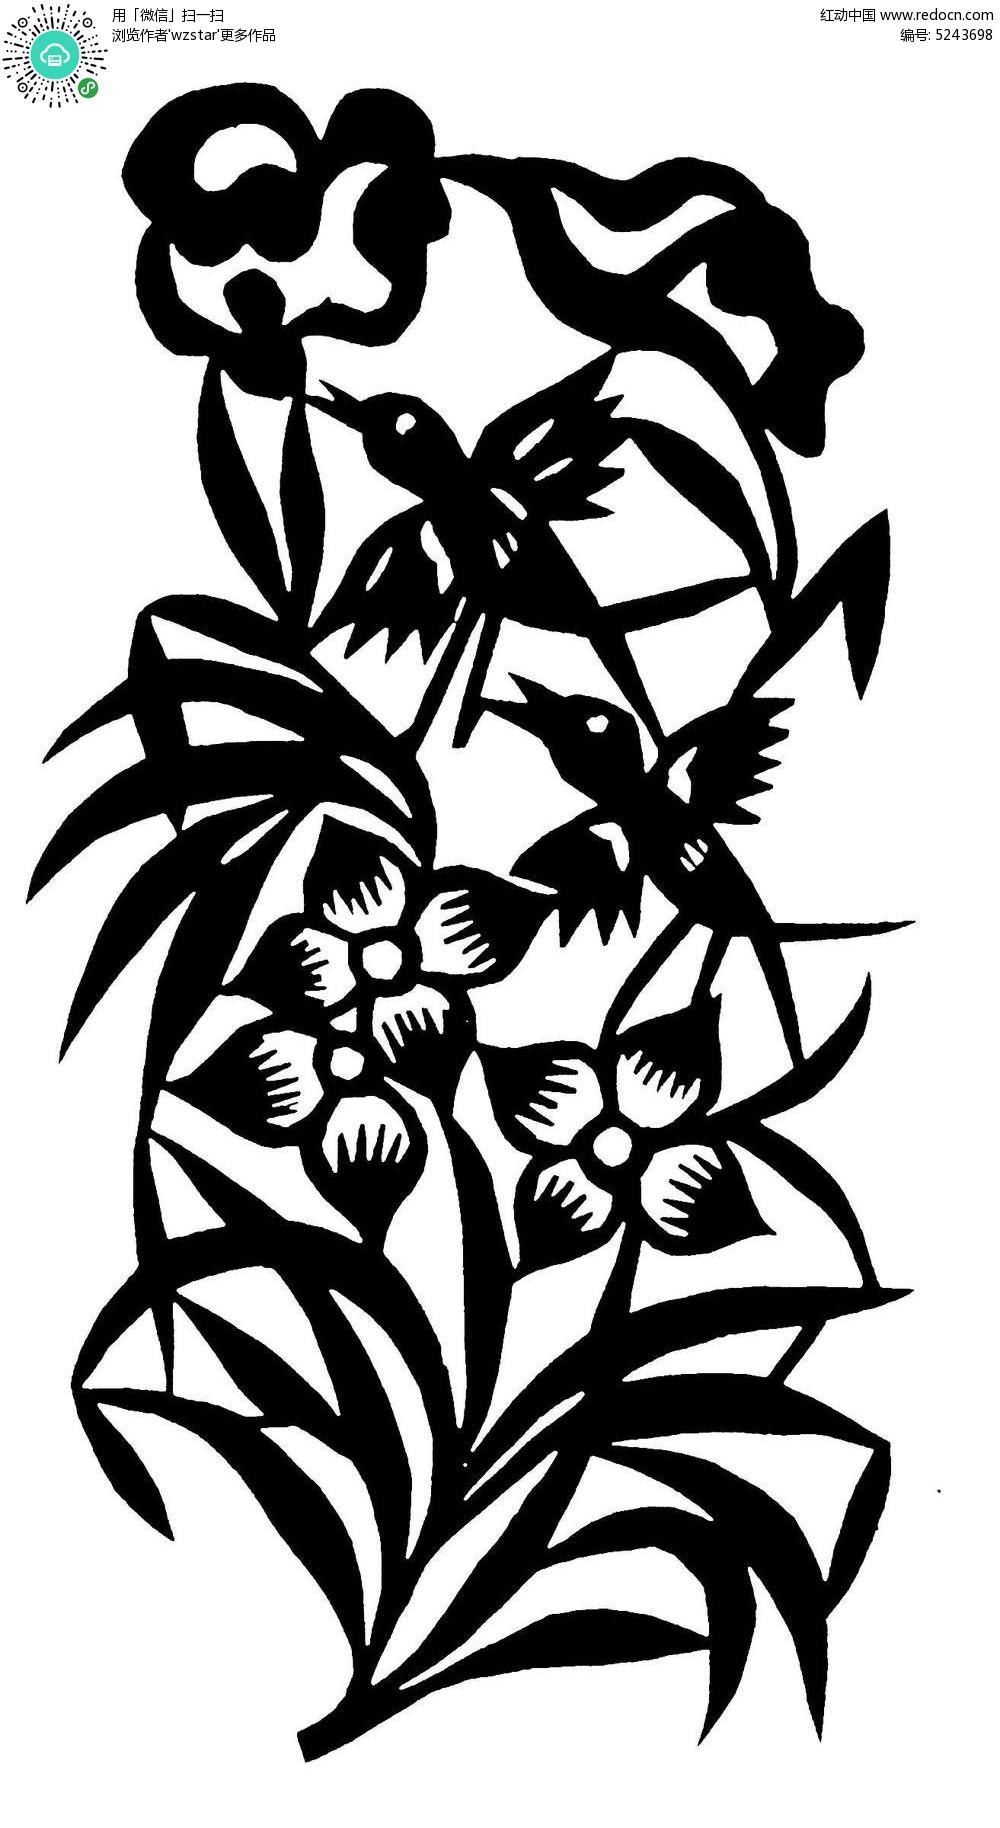 花朵叶子小鸟图案图片